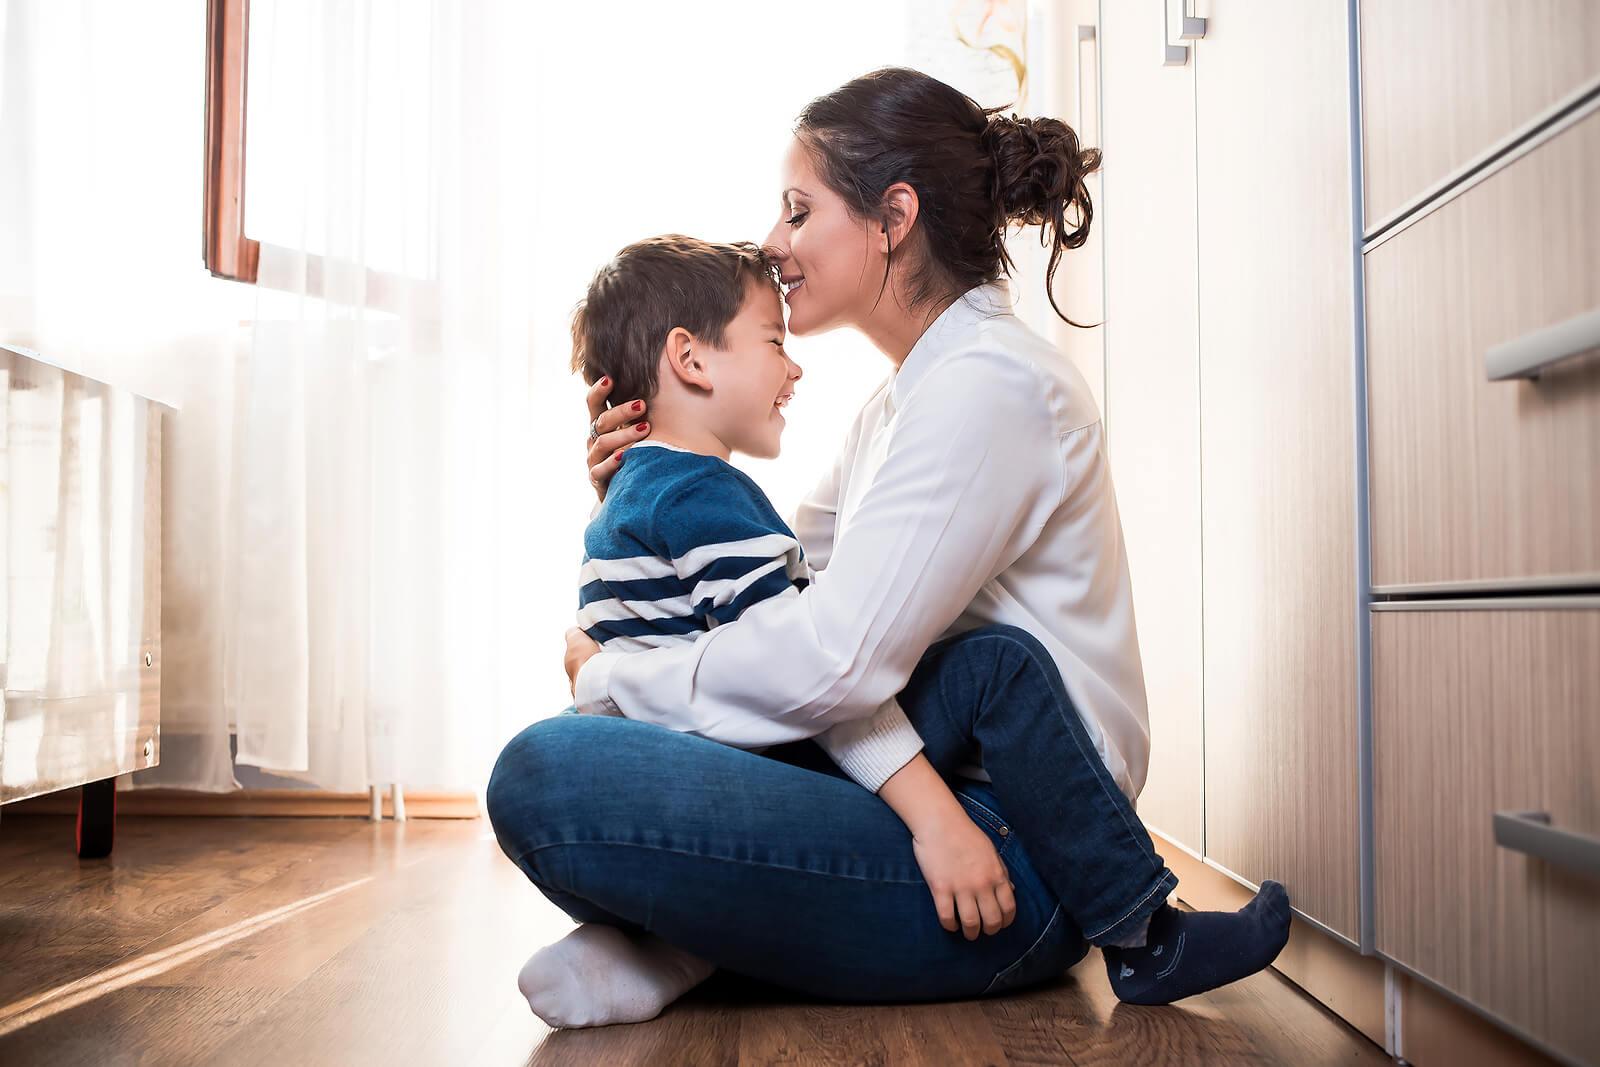 Madre dando un abrazo y un beso en la frente a su hijo gracias a la crianza conectada.